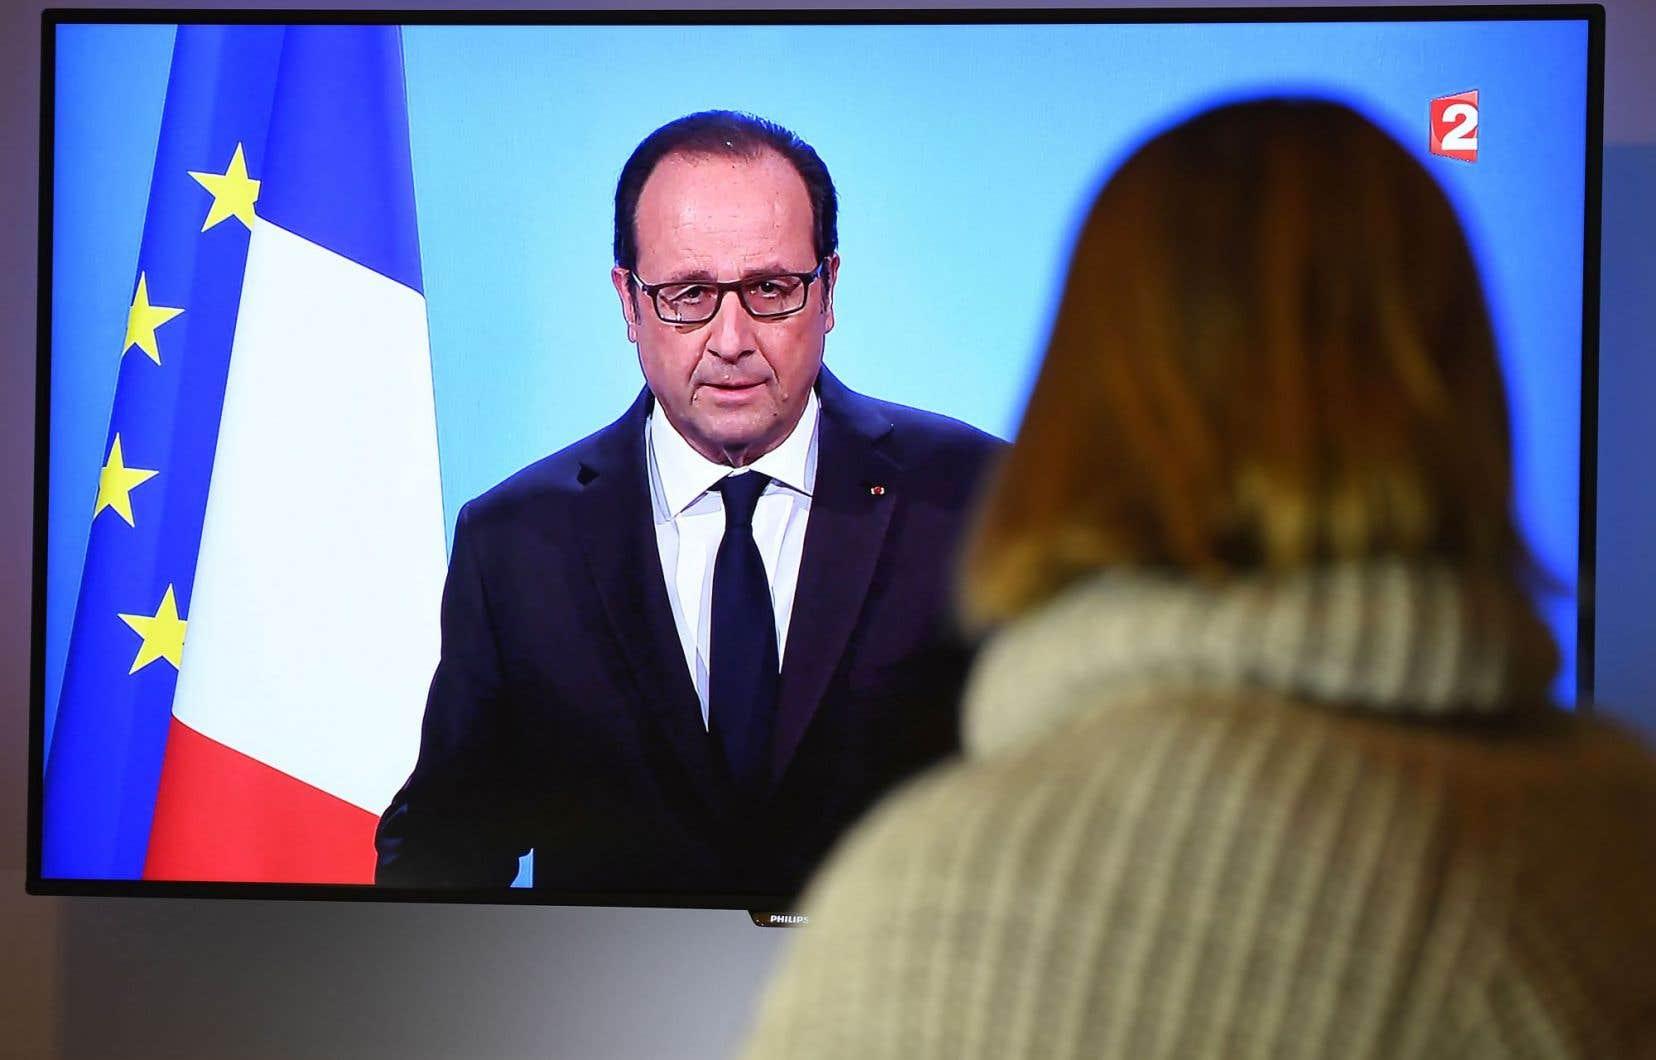 Abattu, la voix cassée, le président François Hollande s'est adressé aux Français jeudi soir par le truchement de la télévision.